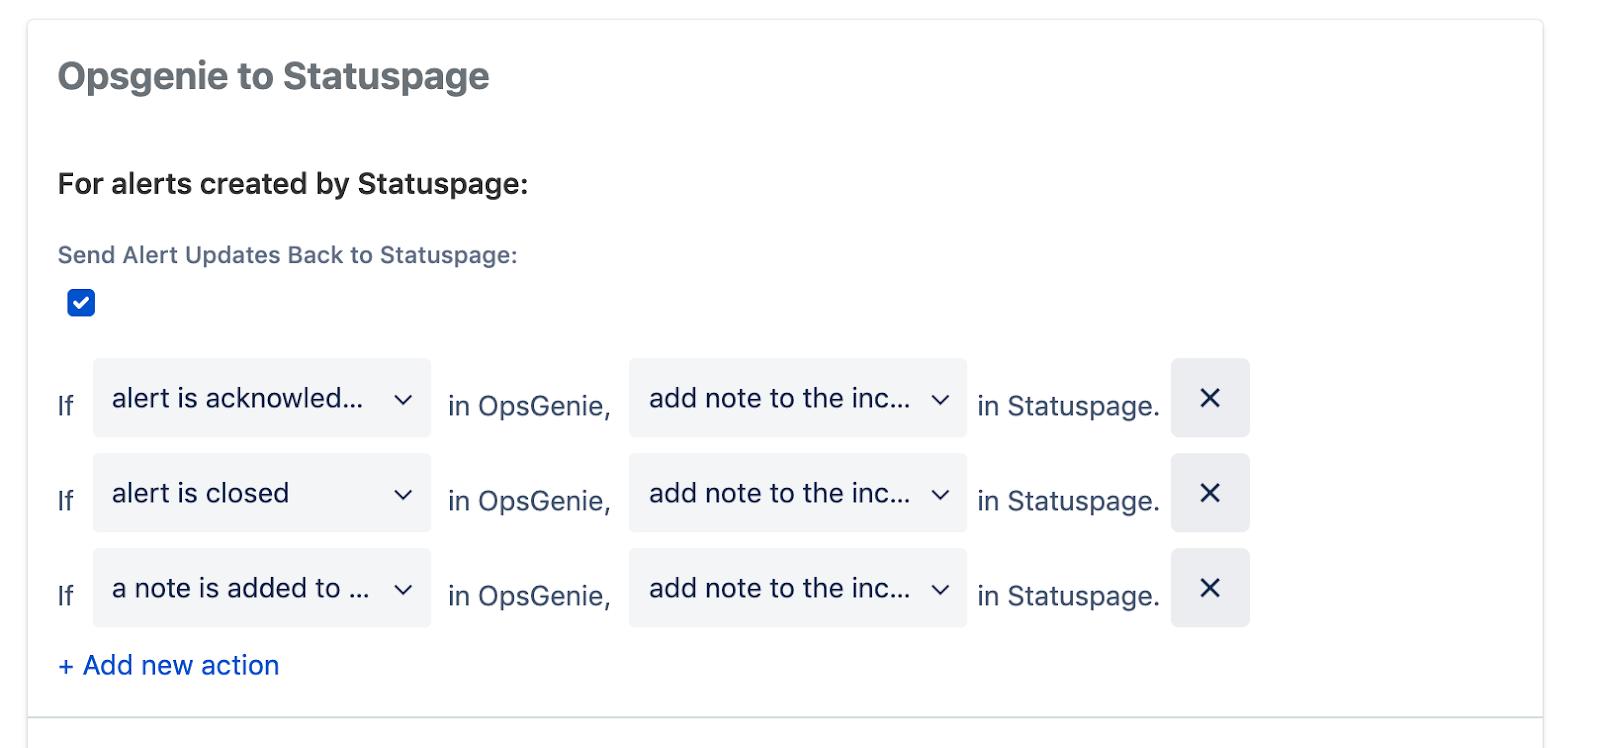 Alertes d'Opsgenie vers Statuspage